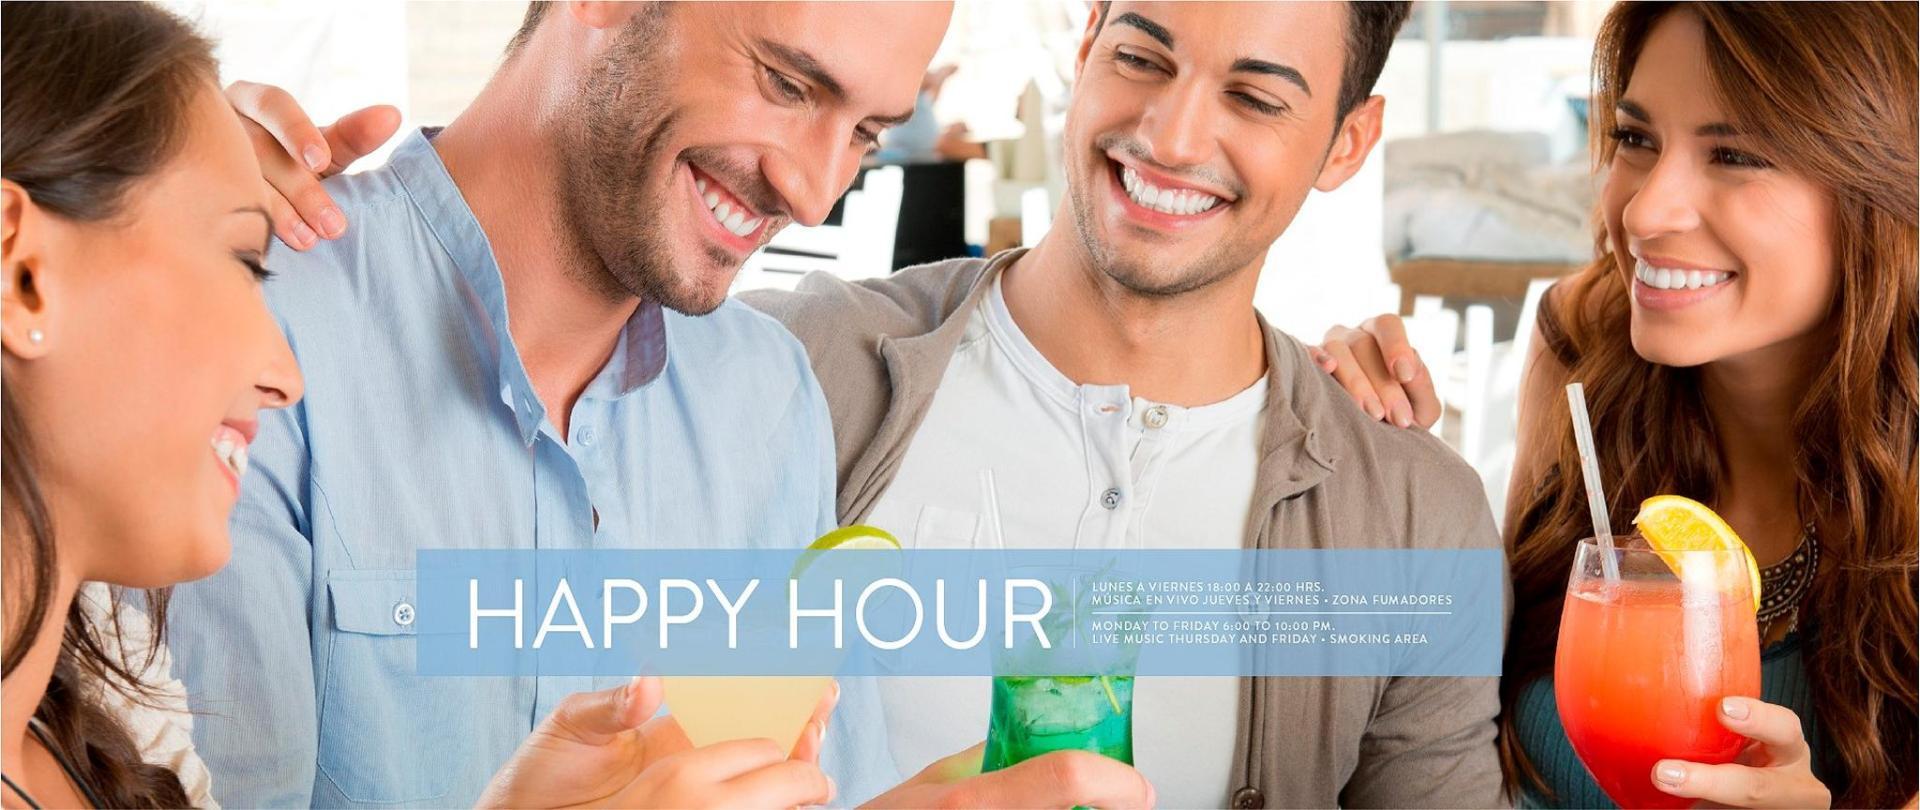 Happy Hour prueba.jpg